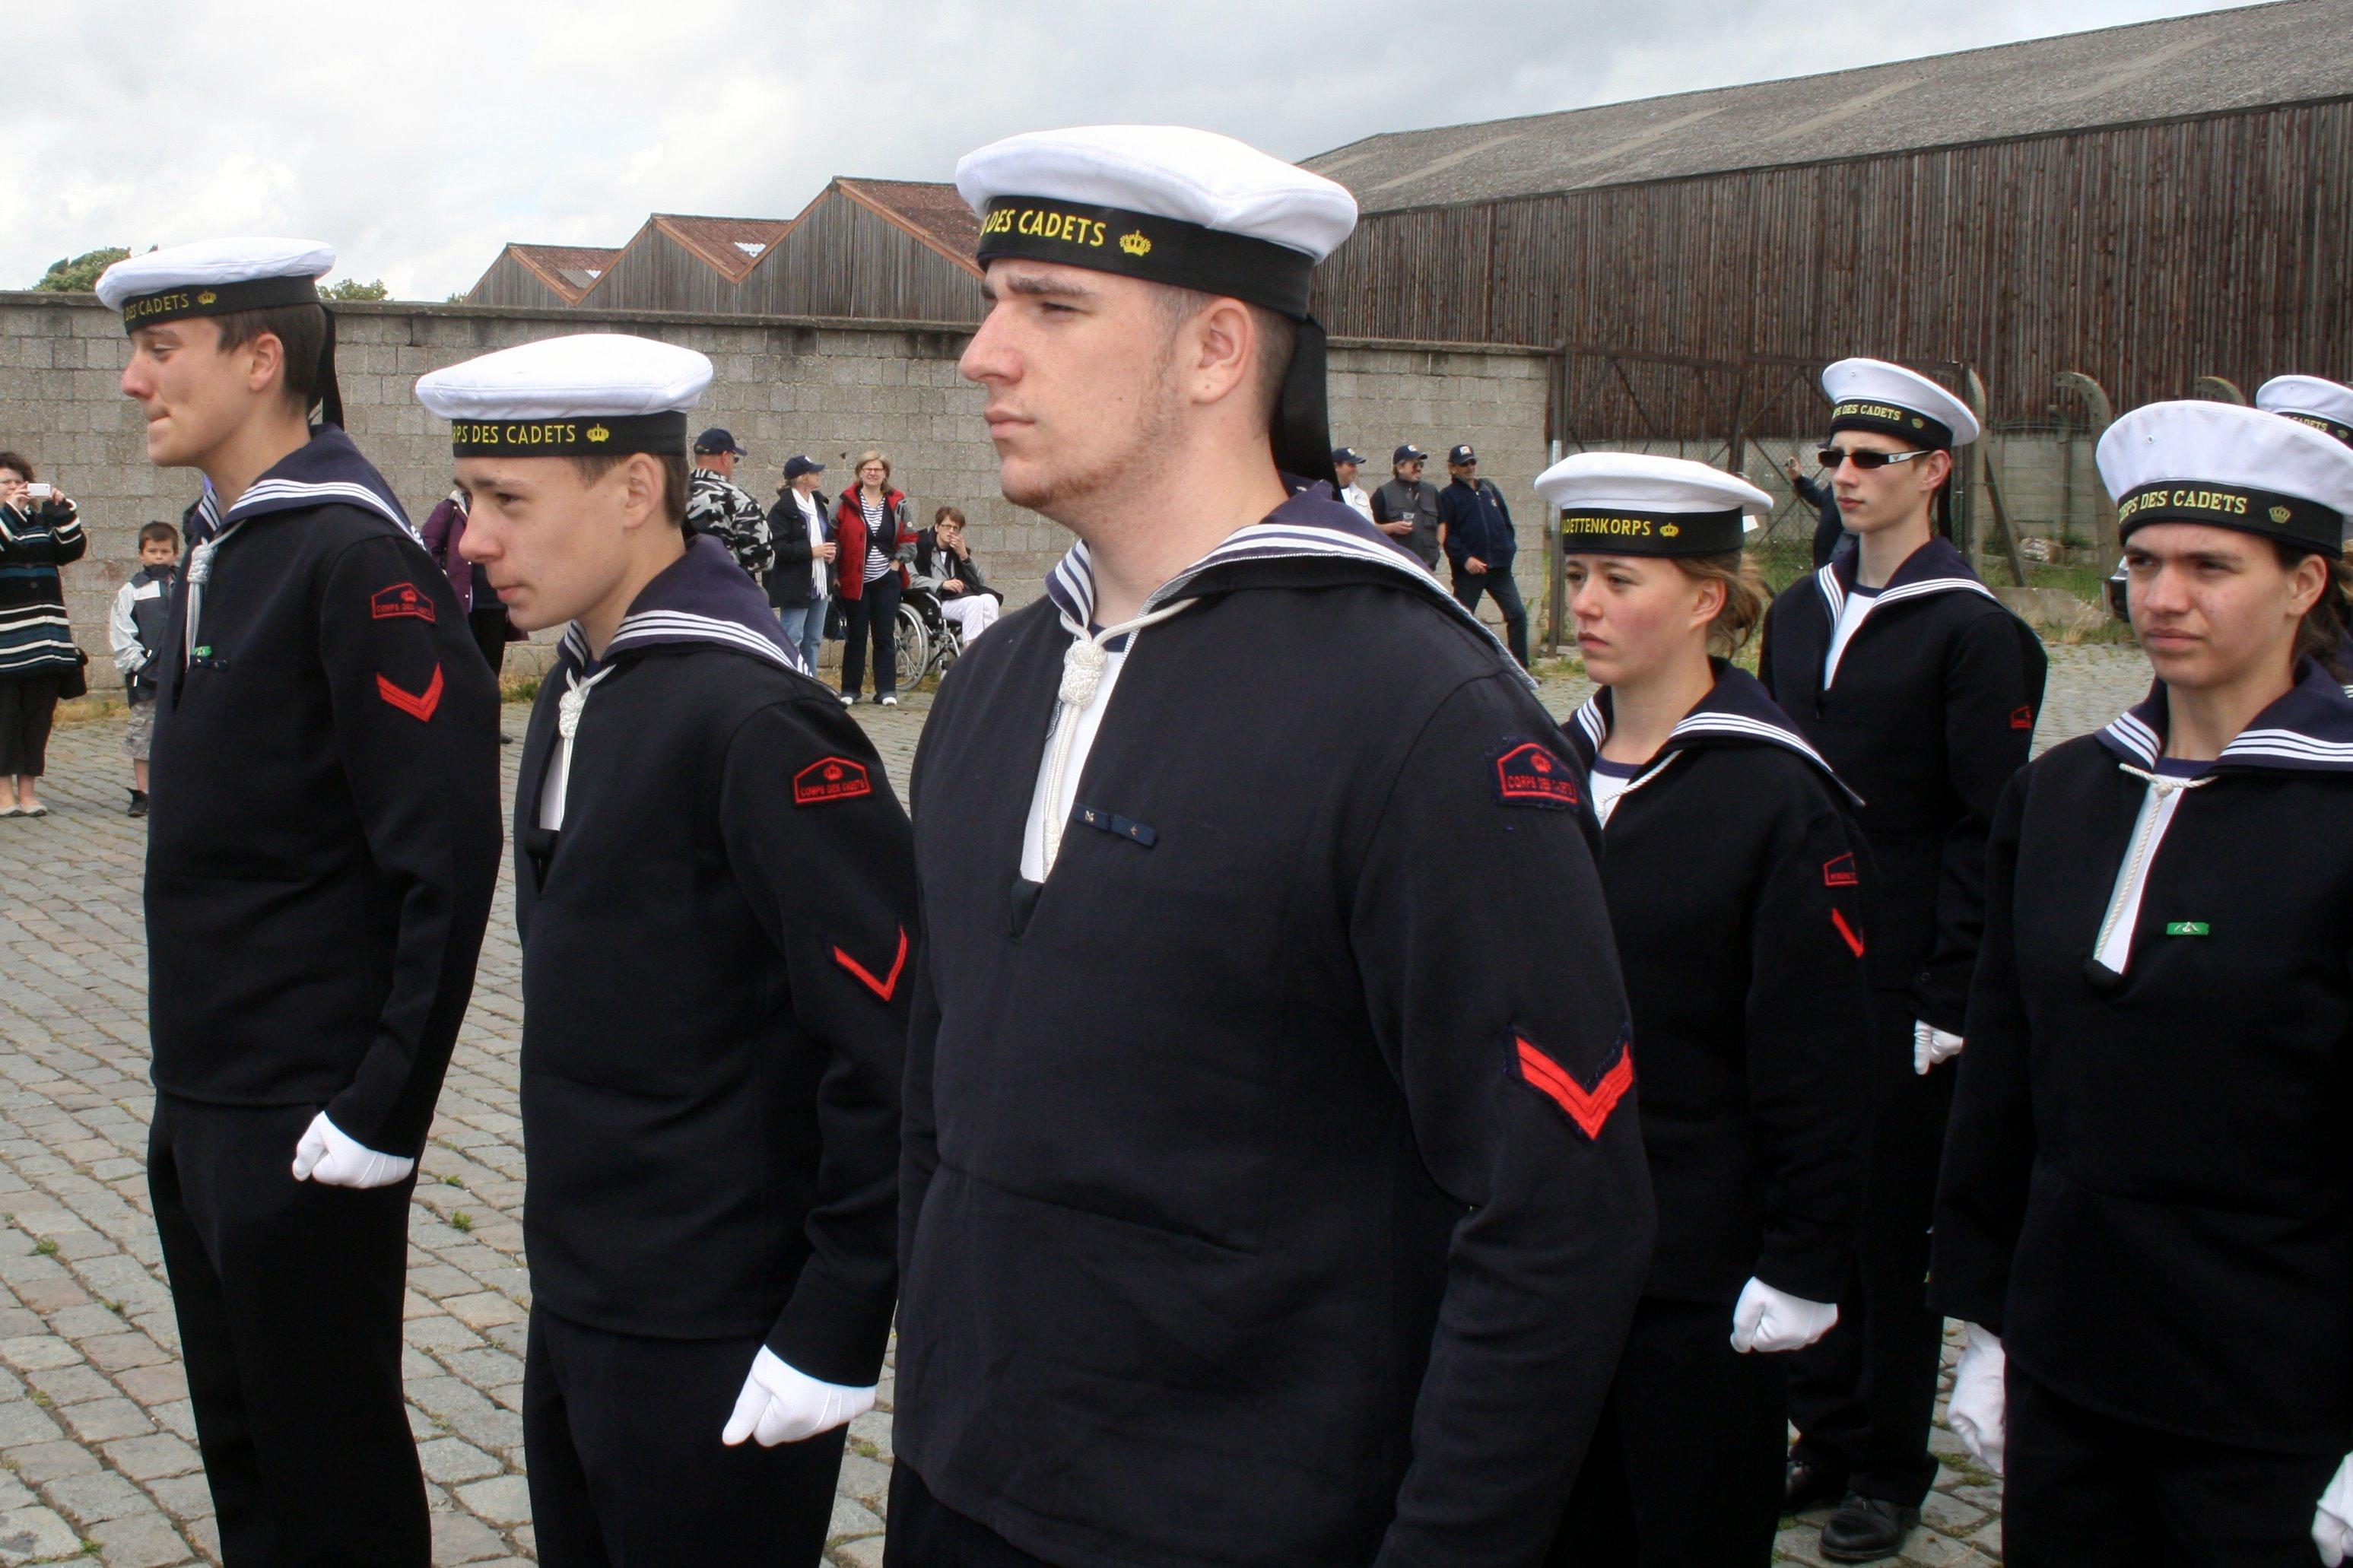 Fastes des Cadets de Marine à Bruxelles le 18/06/2011 - Page 19 1106210504141095838359223